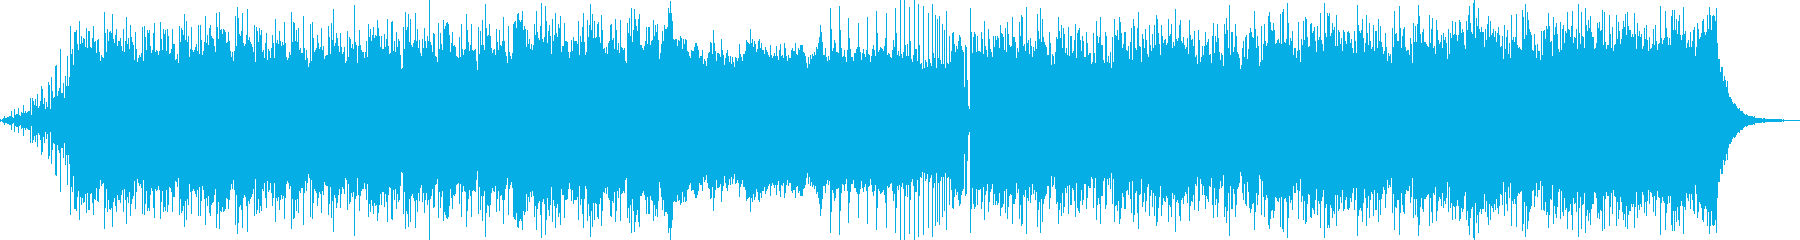 幻想的なドラムンベース・アートコアの再生済みの波形